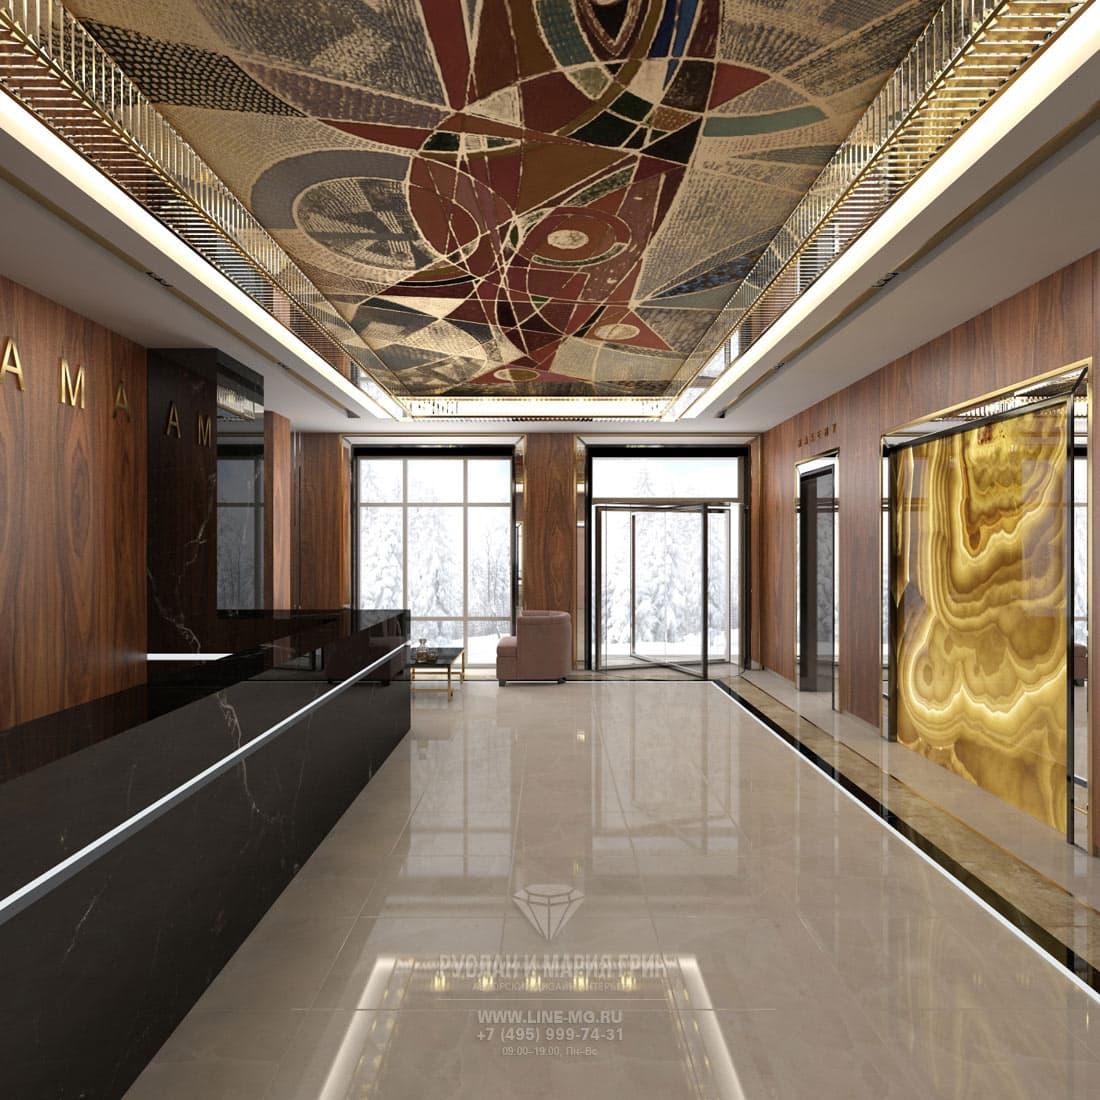 Дизайн просторного холла гостиницы. Фото